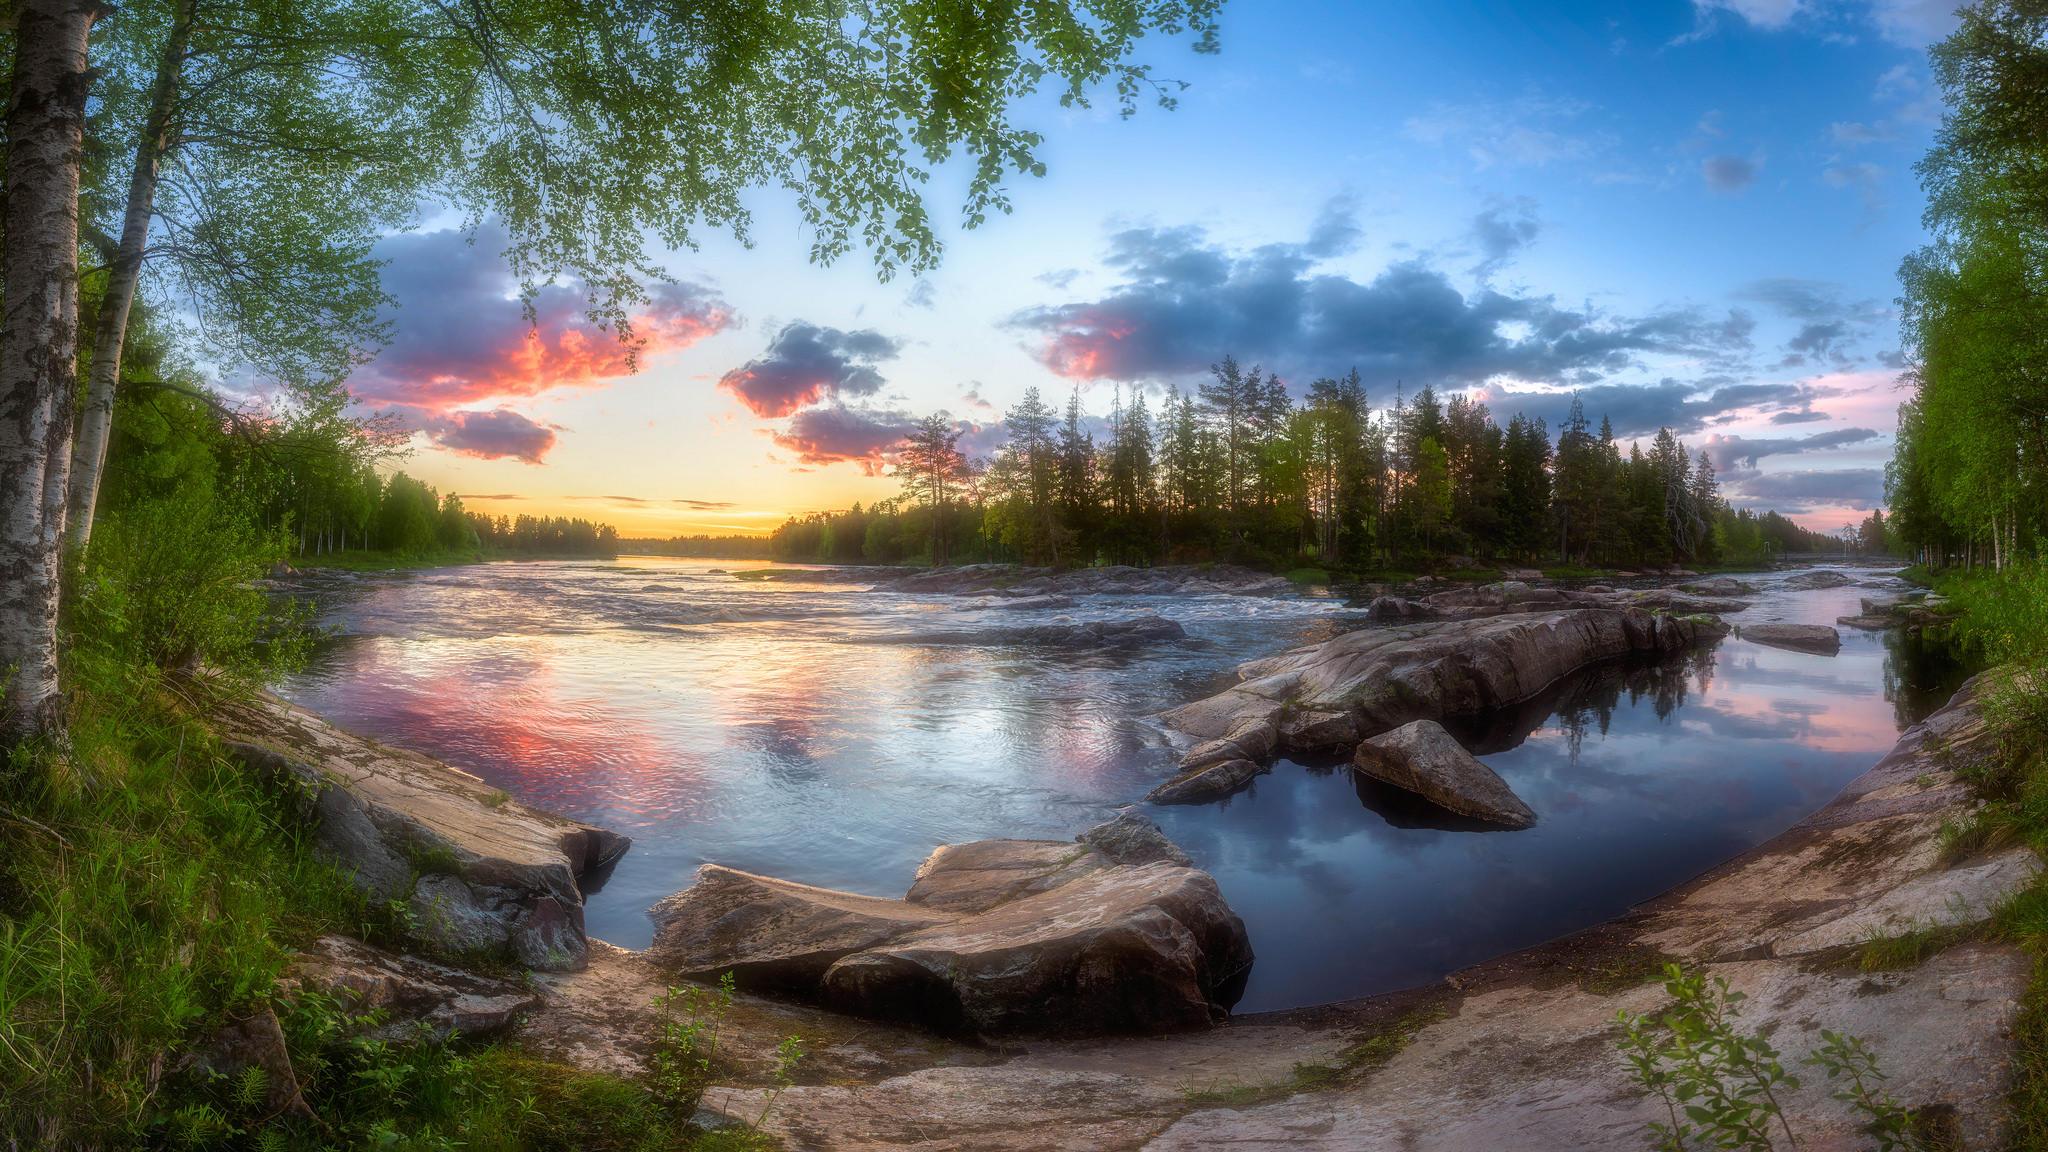 закат, река, камни, берег, деревья, пейзаж